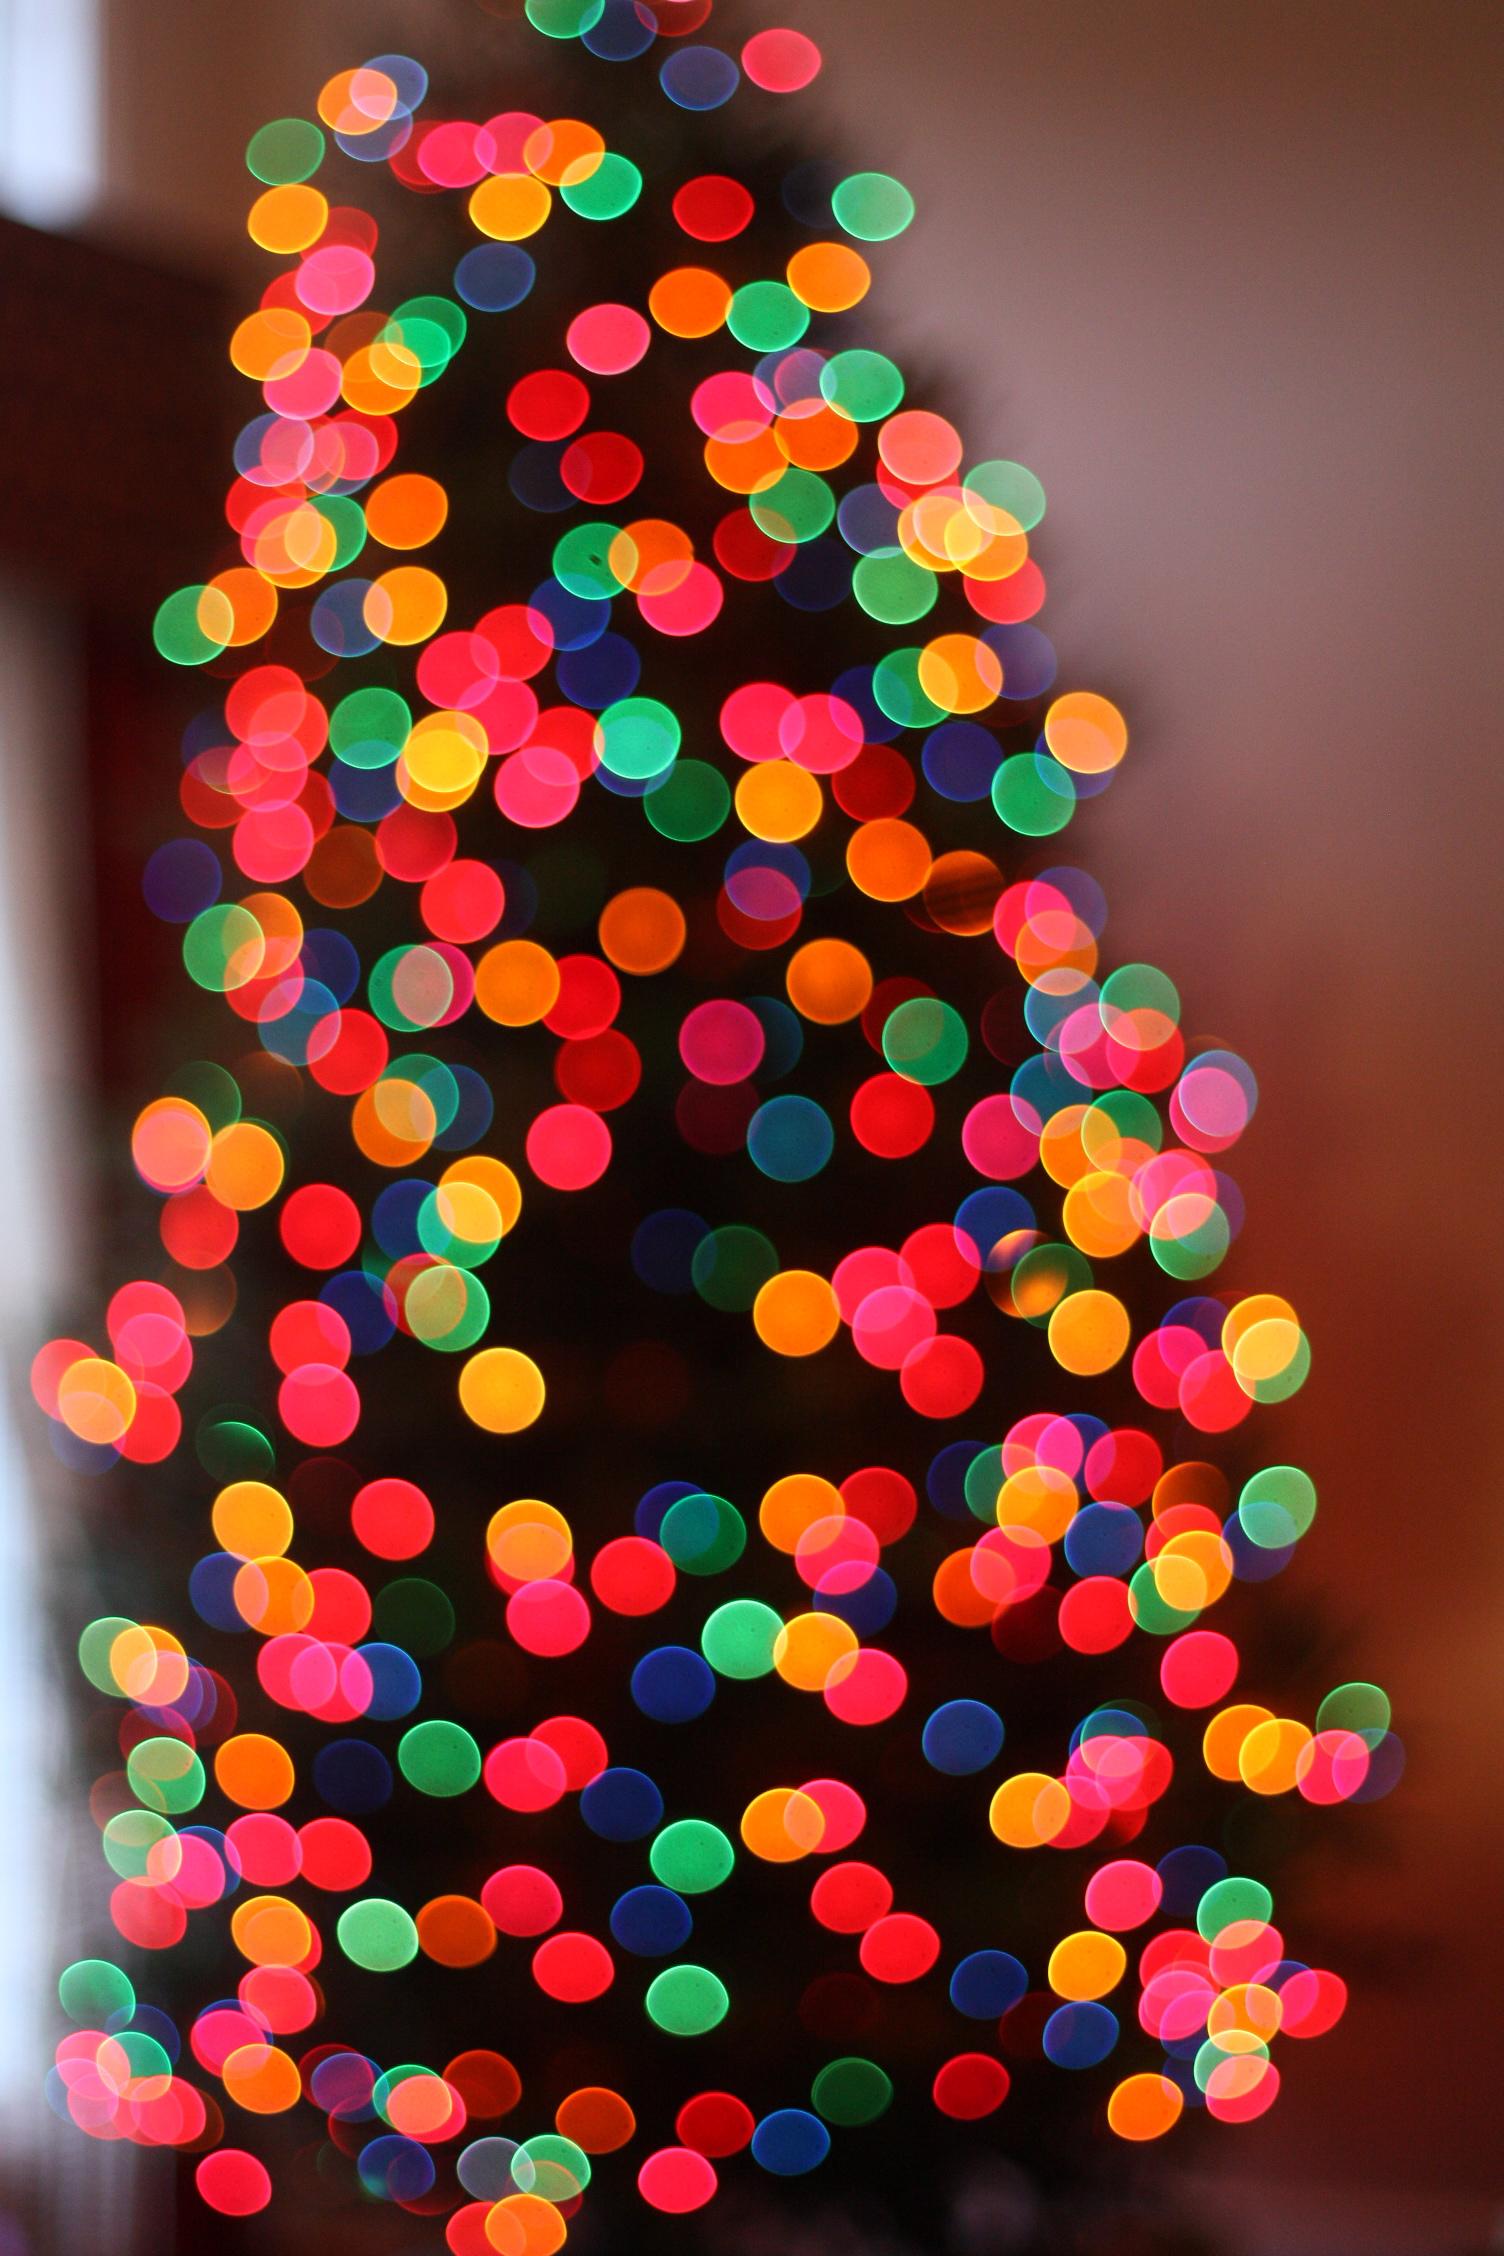 Merry Little Christmas 2011.Merry Christmas 2011 Eforunner